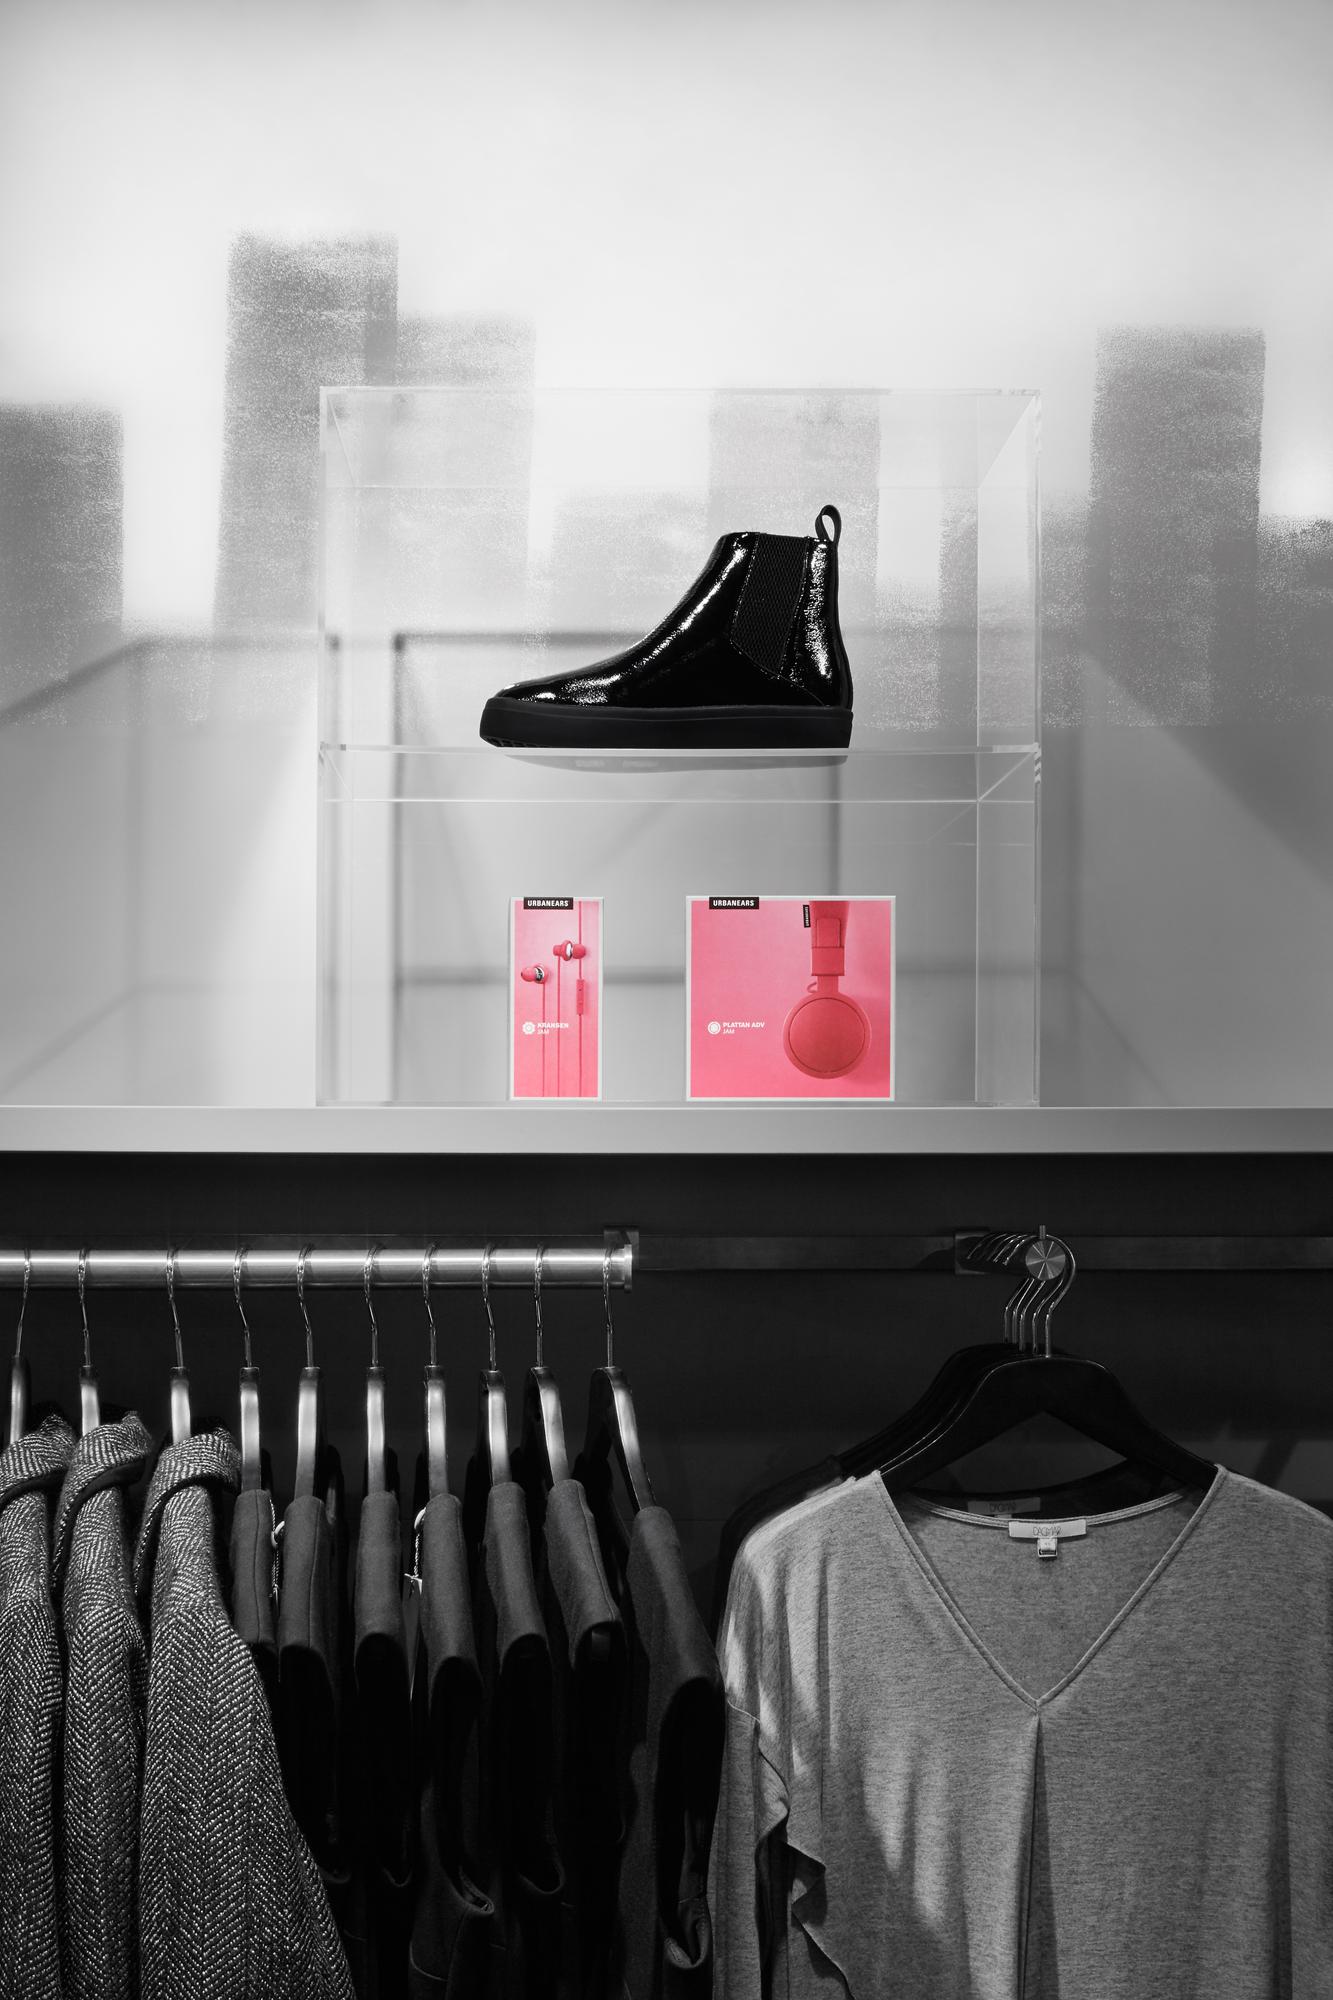 Stockholm Blvd, Mood Linus Berglund; Code Concept